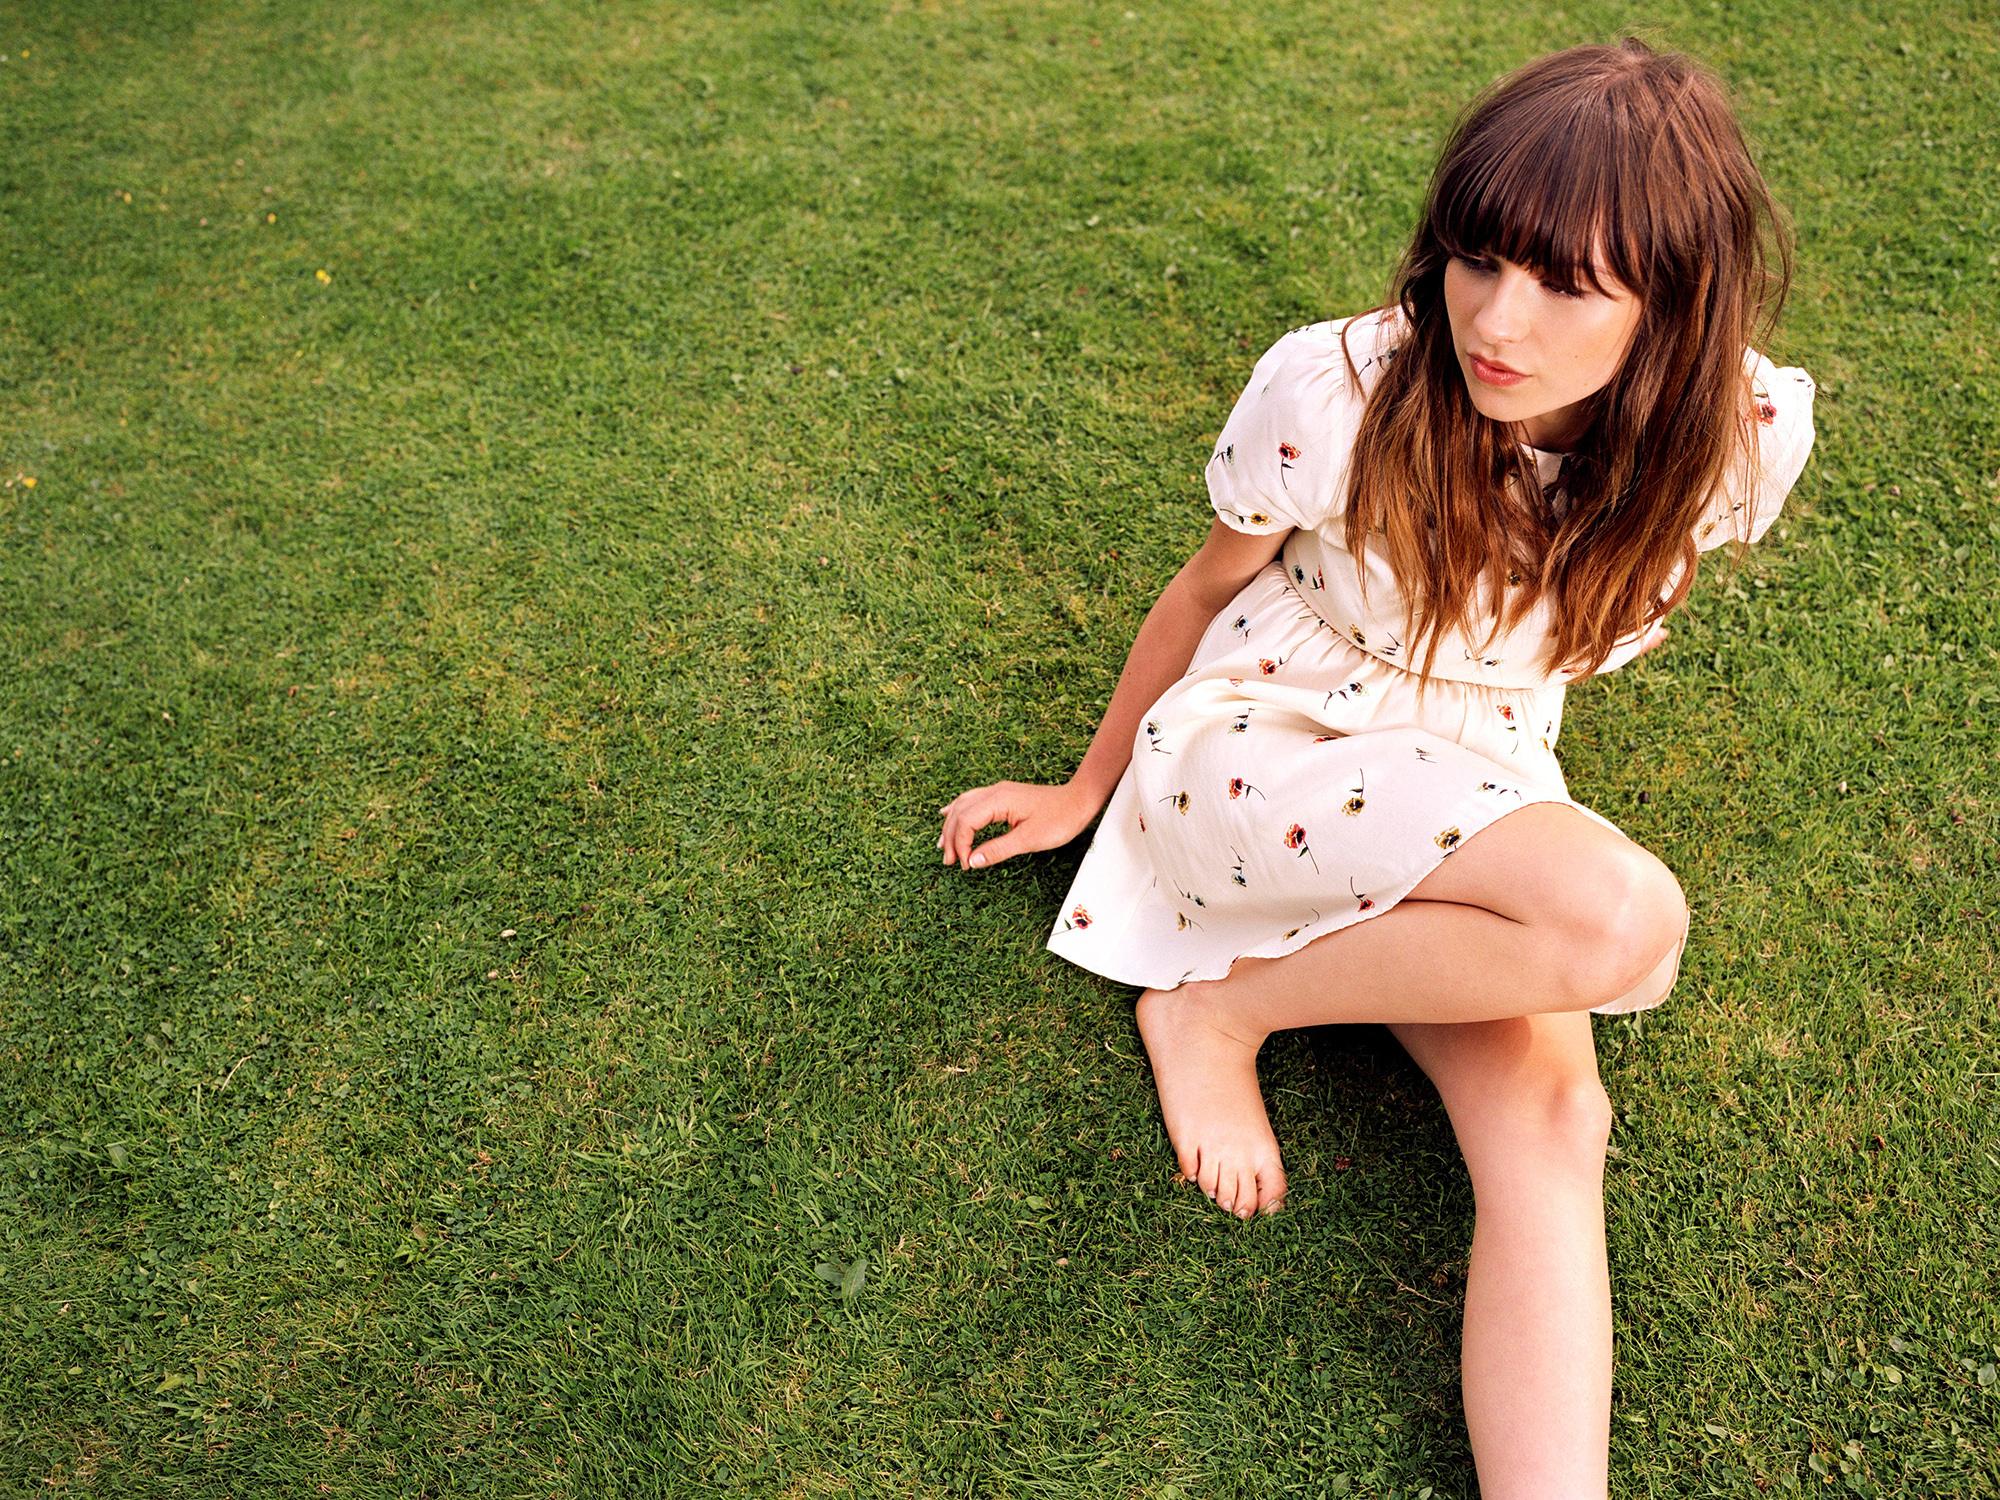 english Rain Gabrielle Aplin Songwriter Singer Wallpapers HD 2000x1500